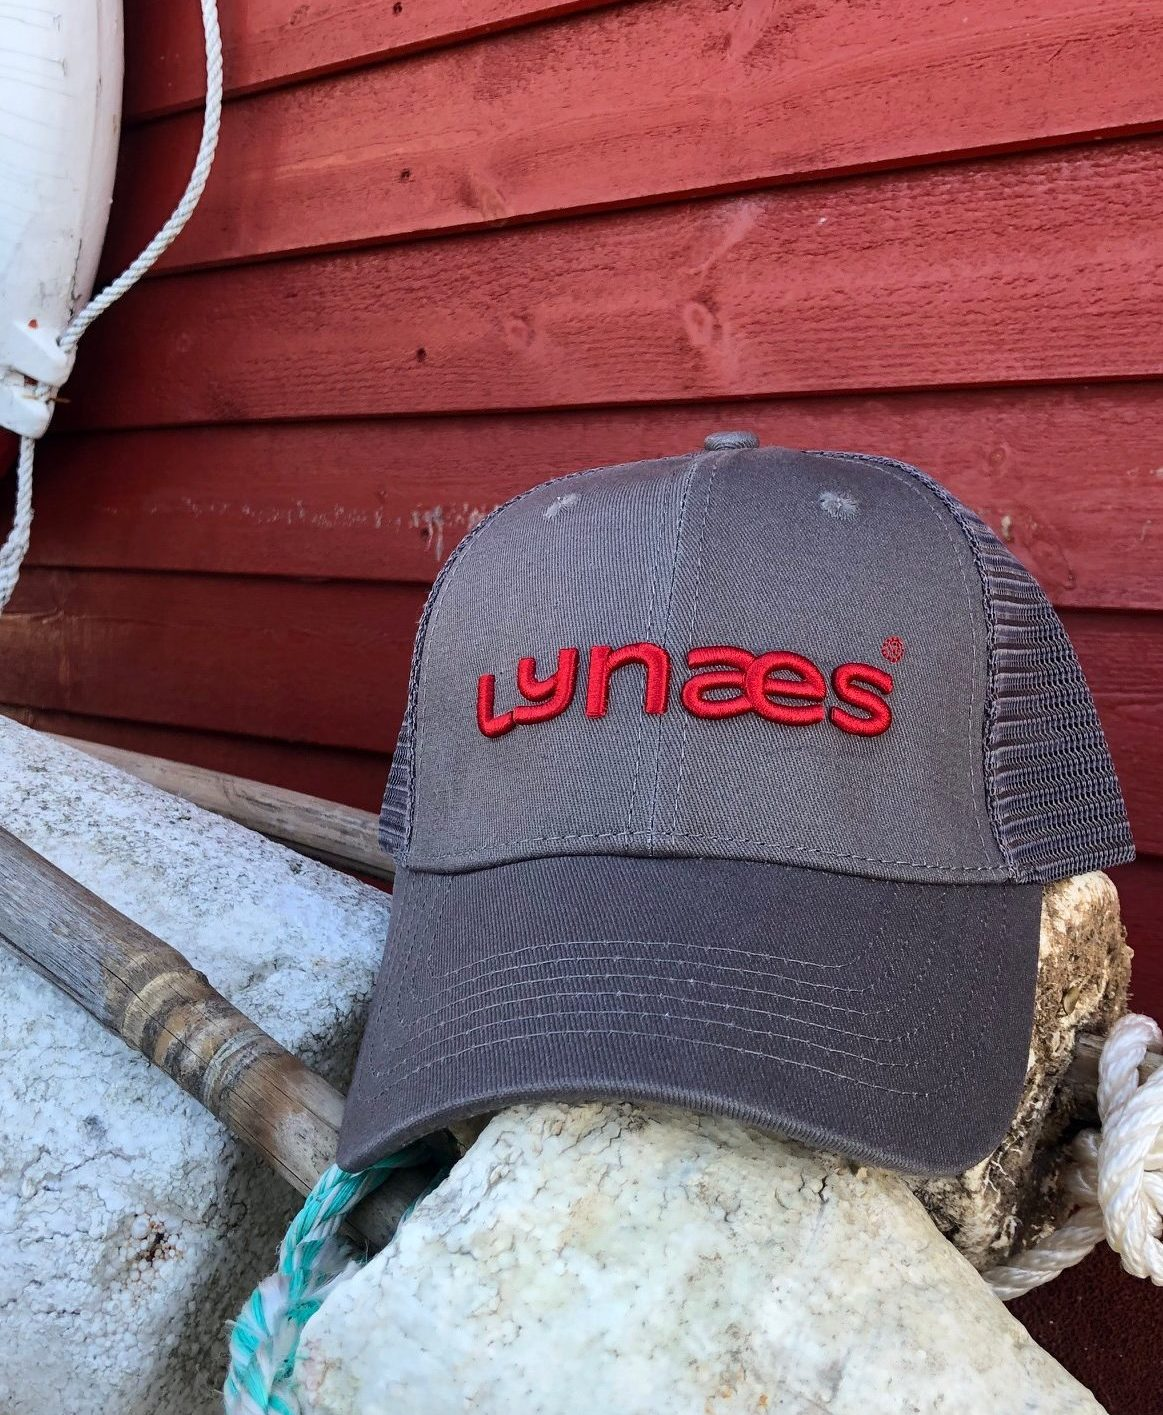 lynaes cap2